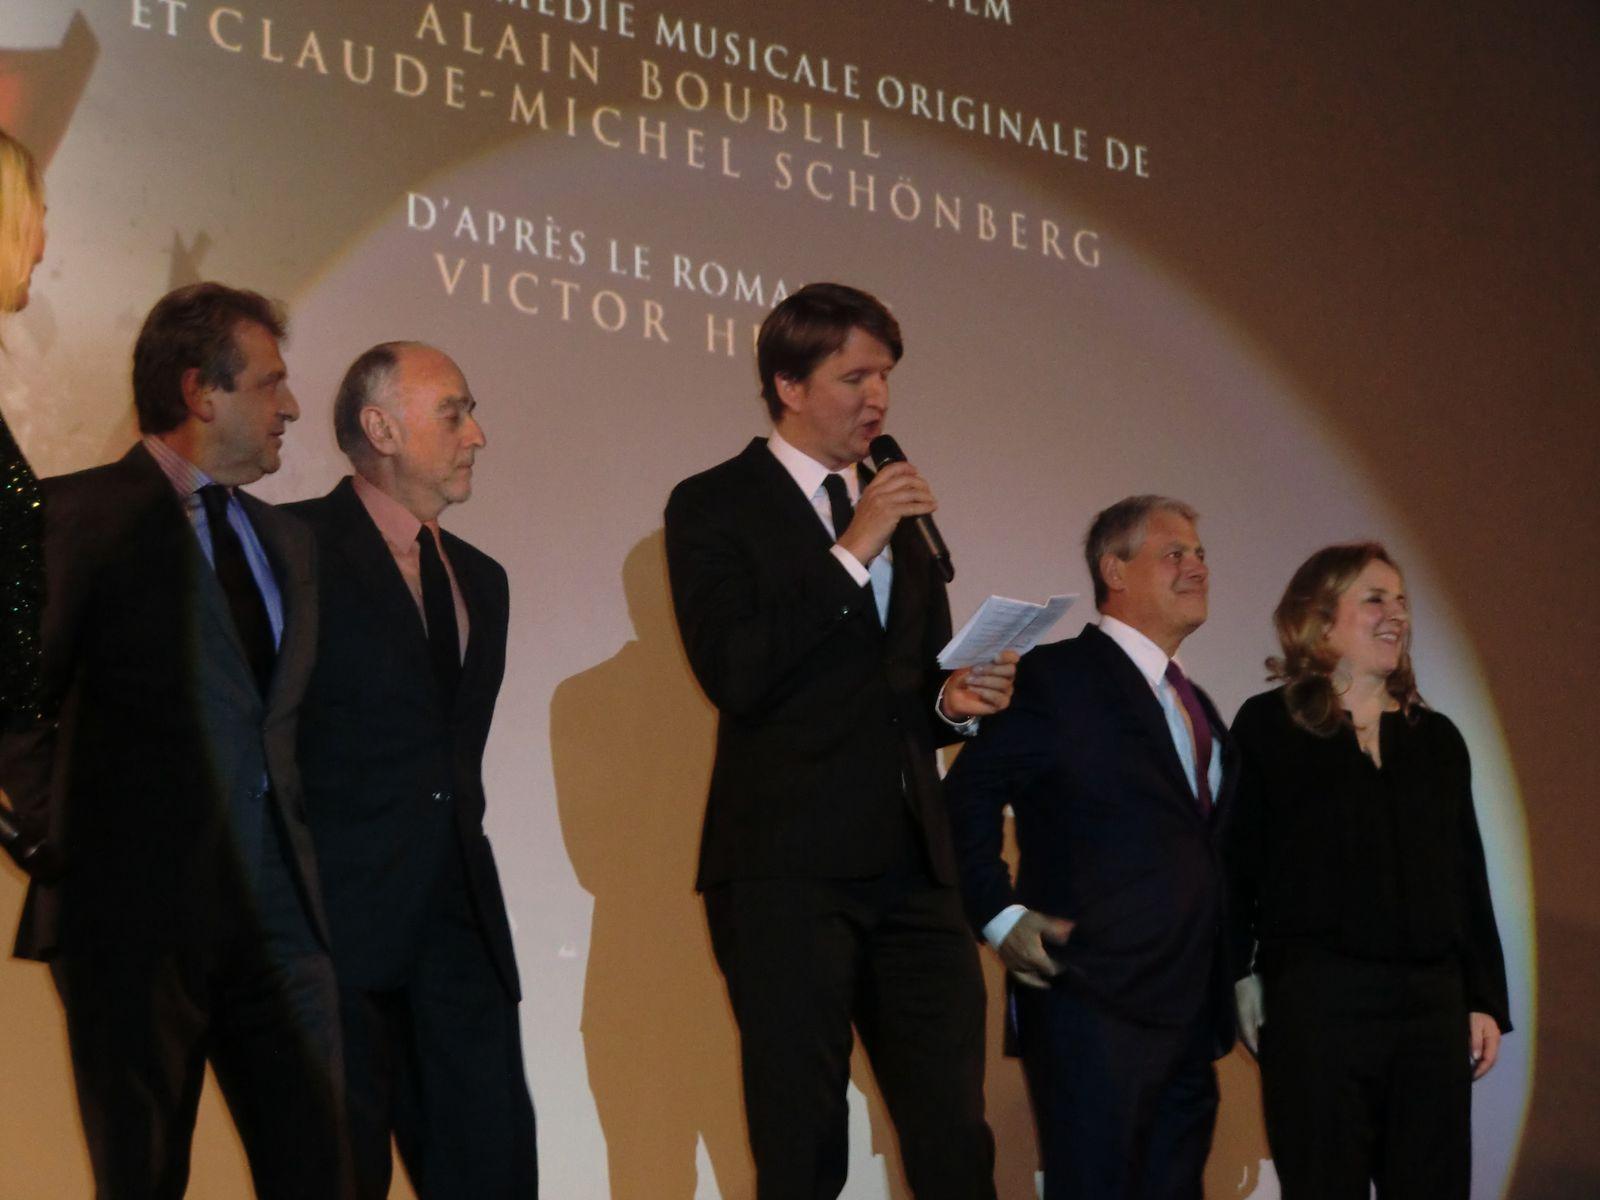 Avant-Première du film LES MISERABLES en présence d'Anne HATHAWAY au Gaumont Champs-Elysées le 06/02/2013